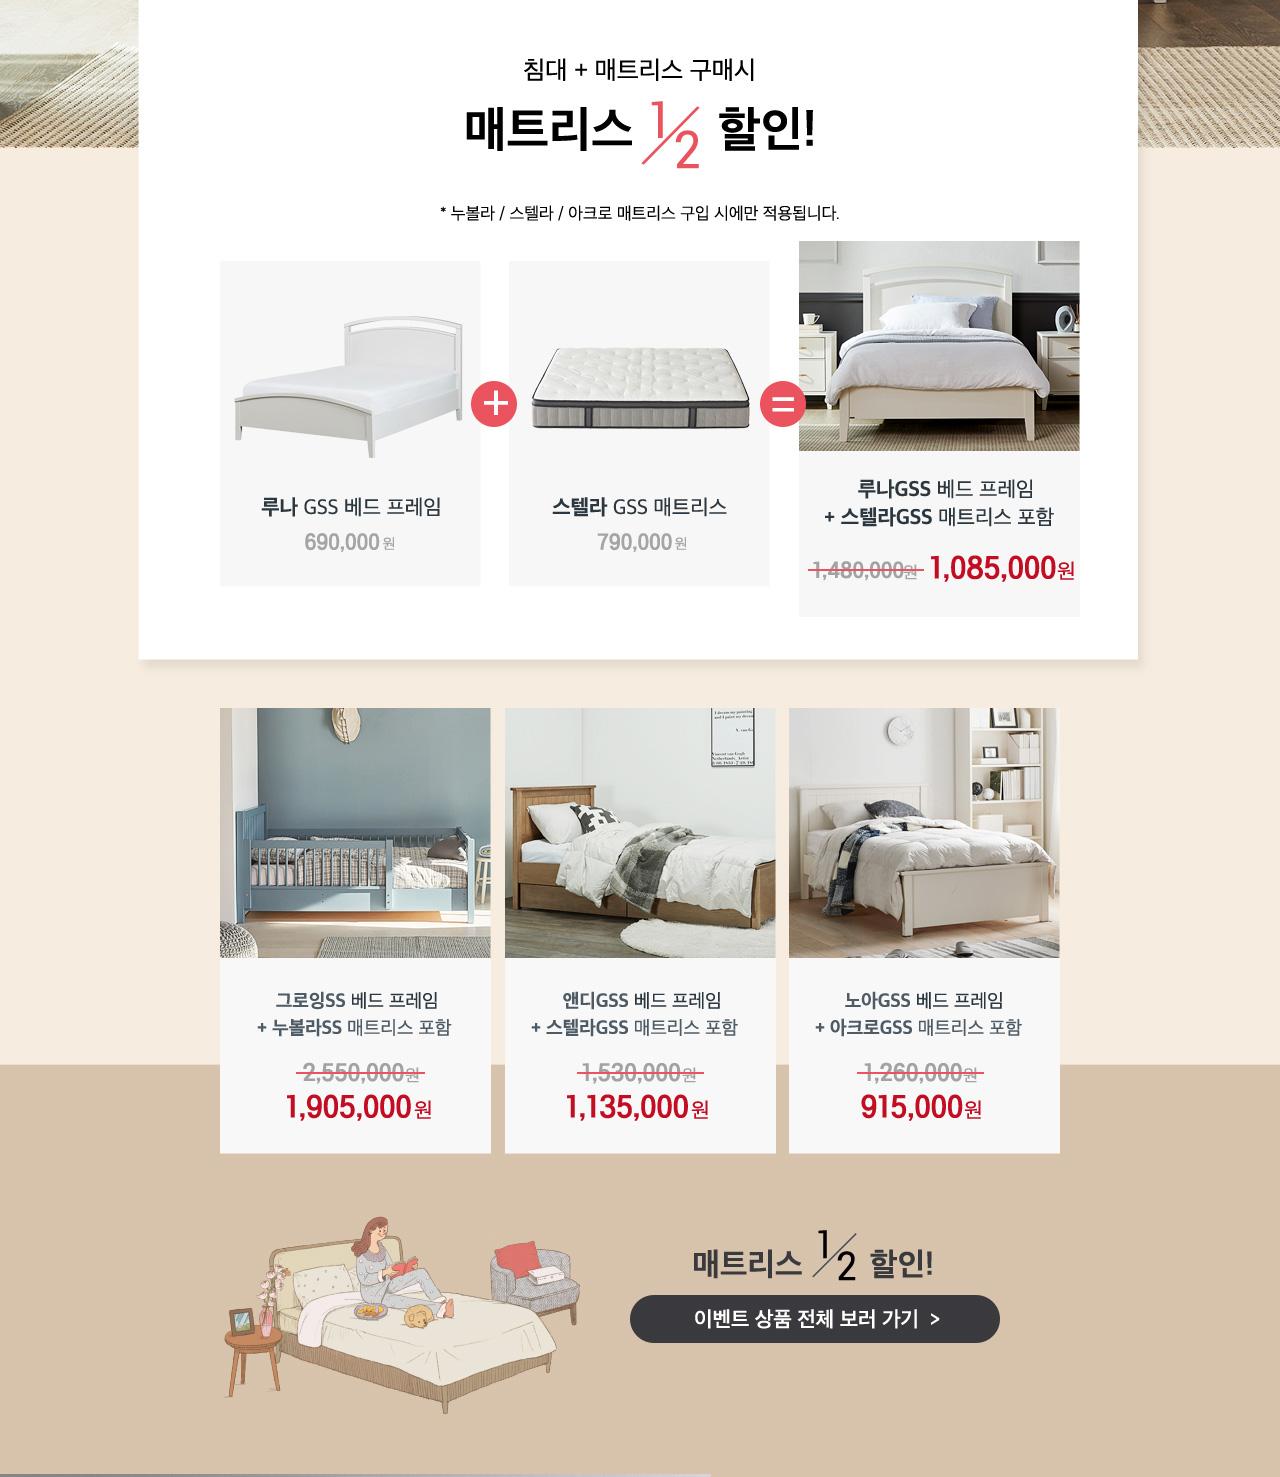 침대 + 매트리스 구매시 매트리스 1/2할인!